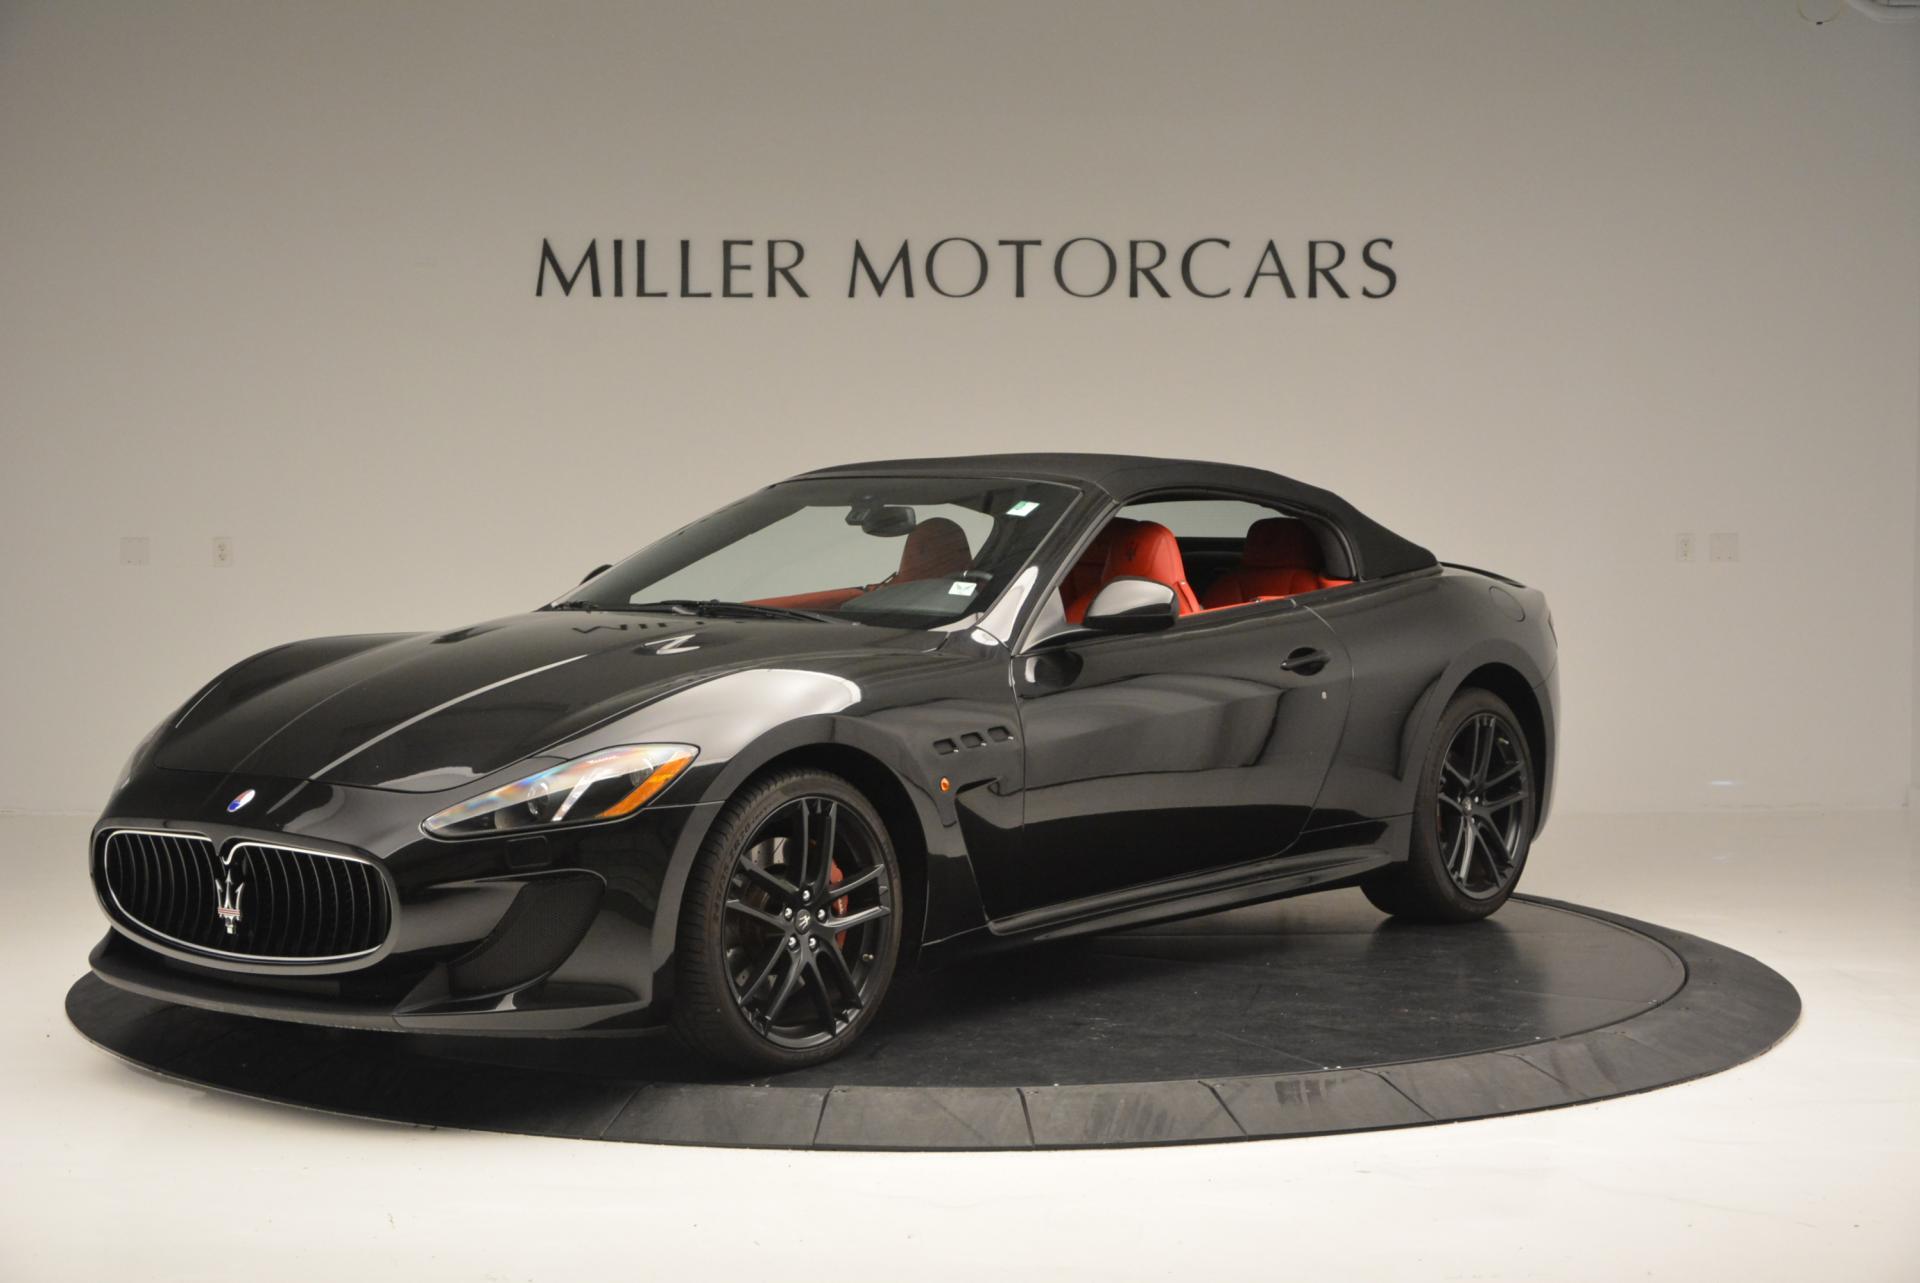 Used 2013 Maserati GranTurismo MC For Sale In Westport, CT 521_p14